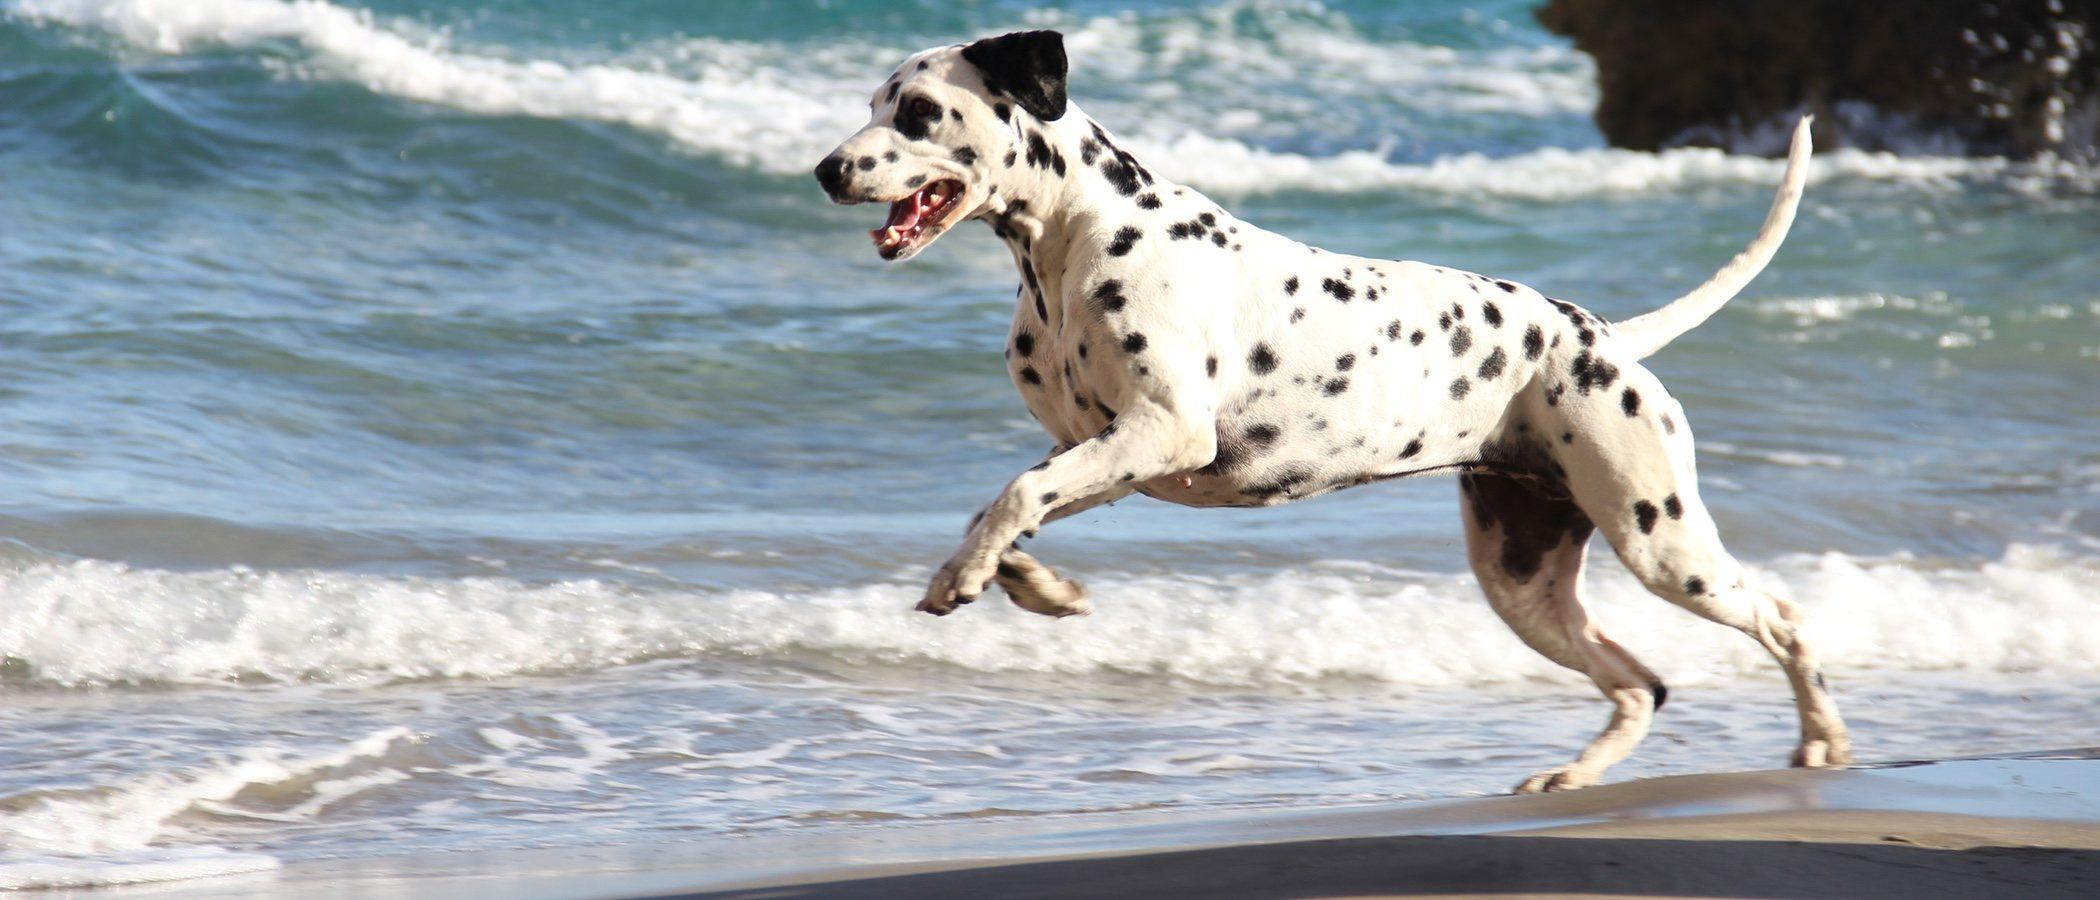 Playas a las que se puede ir con perros en España